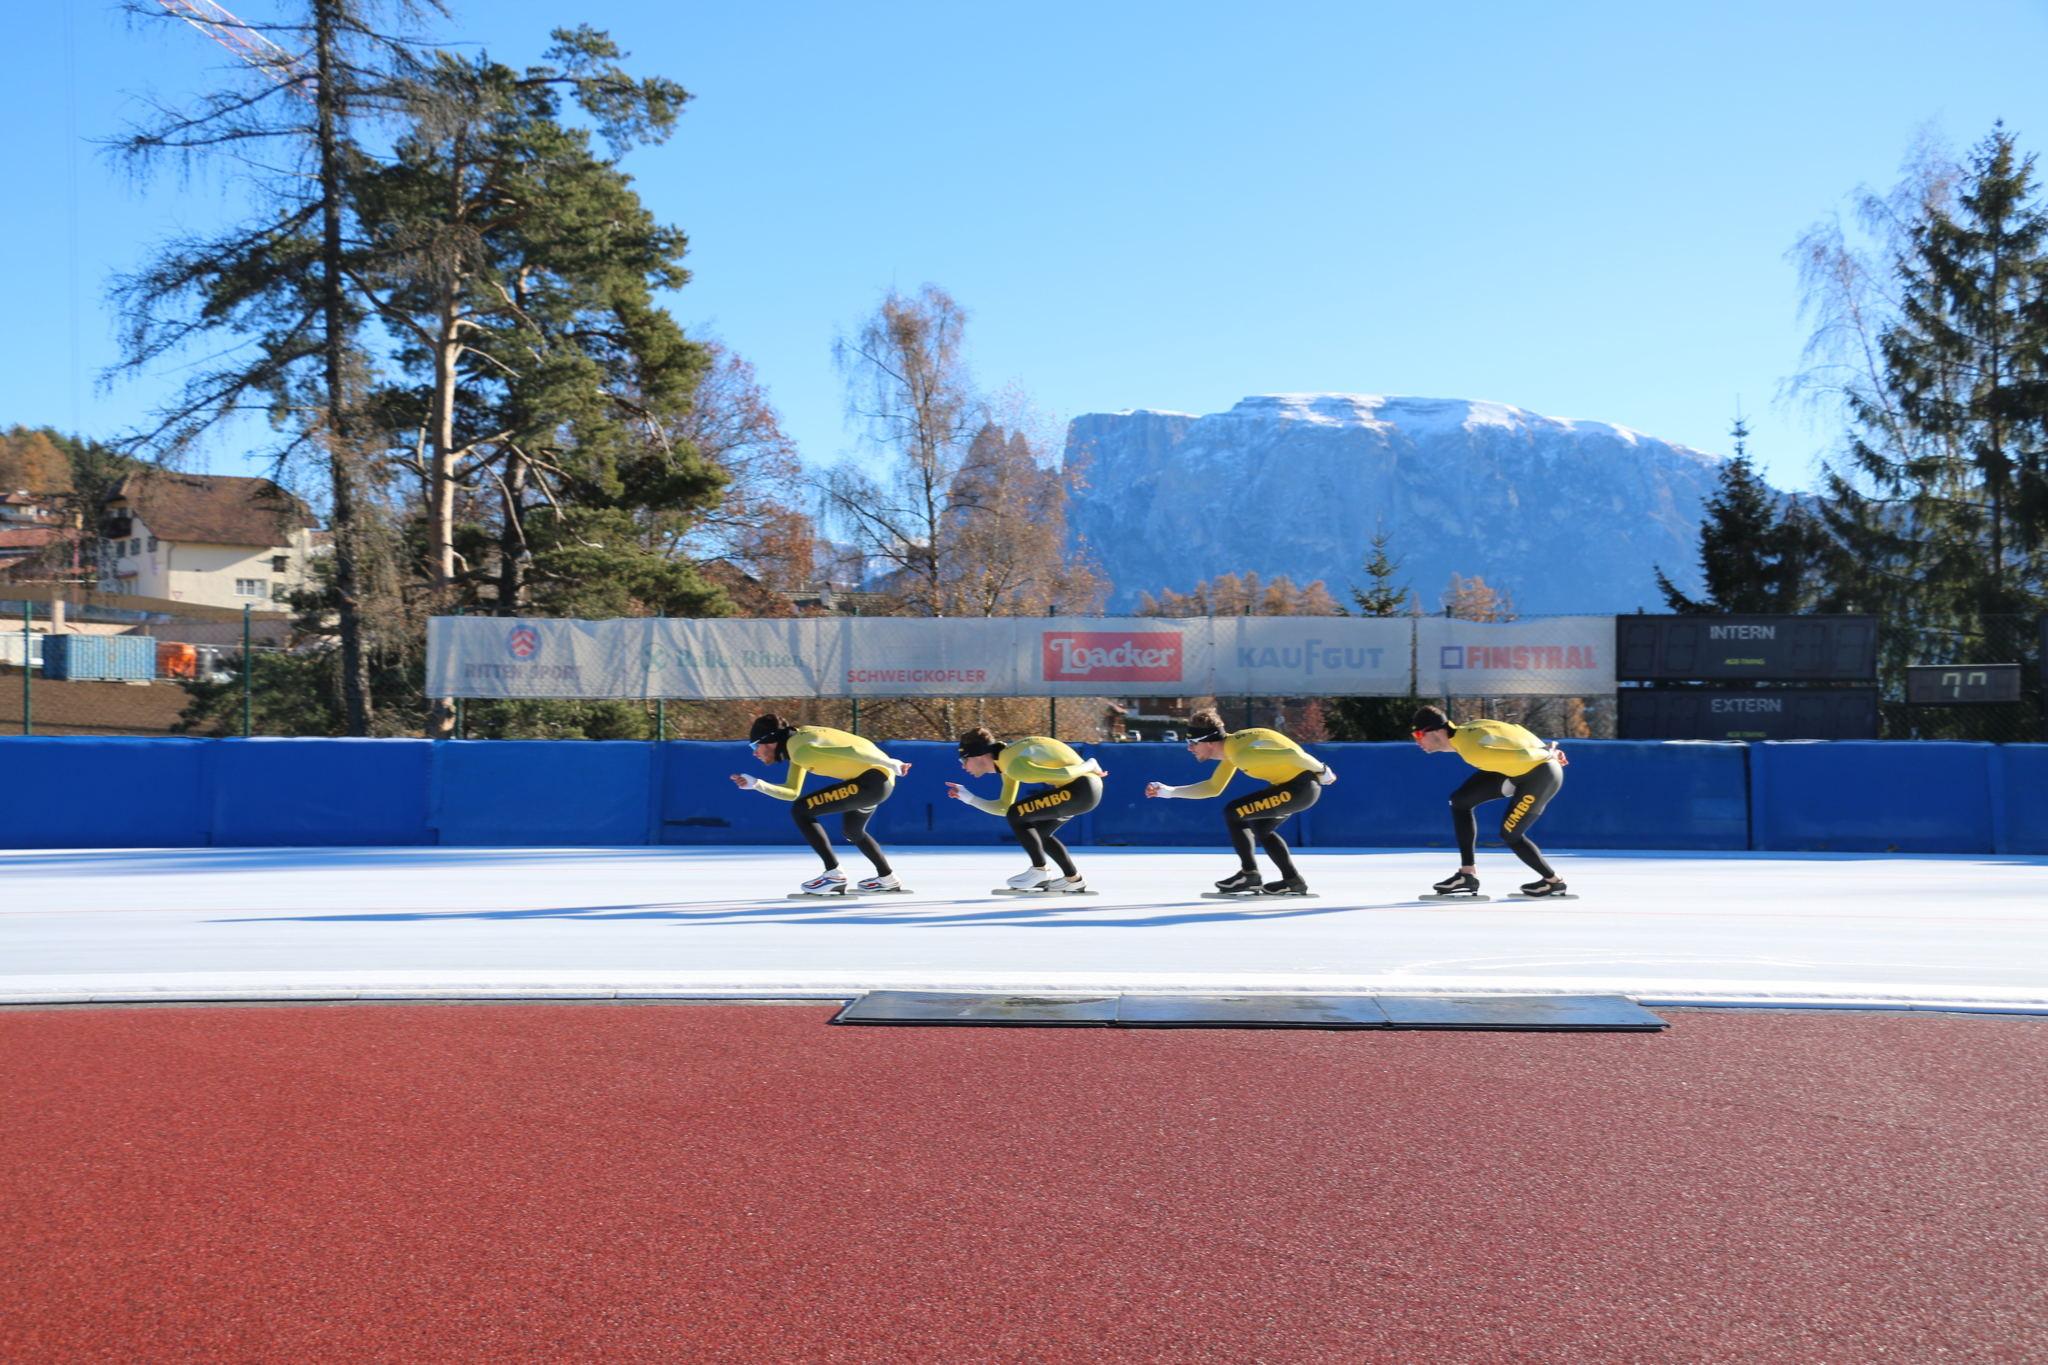 Eisschnelllauf: Top-Stars nutzen die optimalen Bedingungen